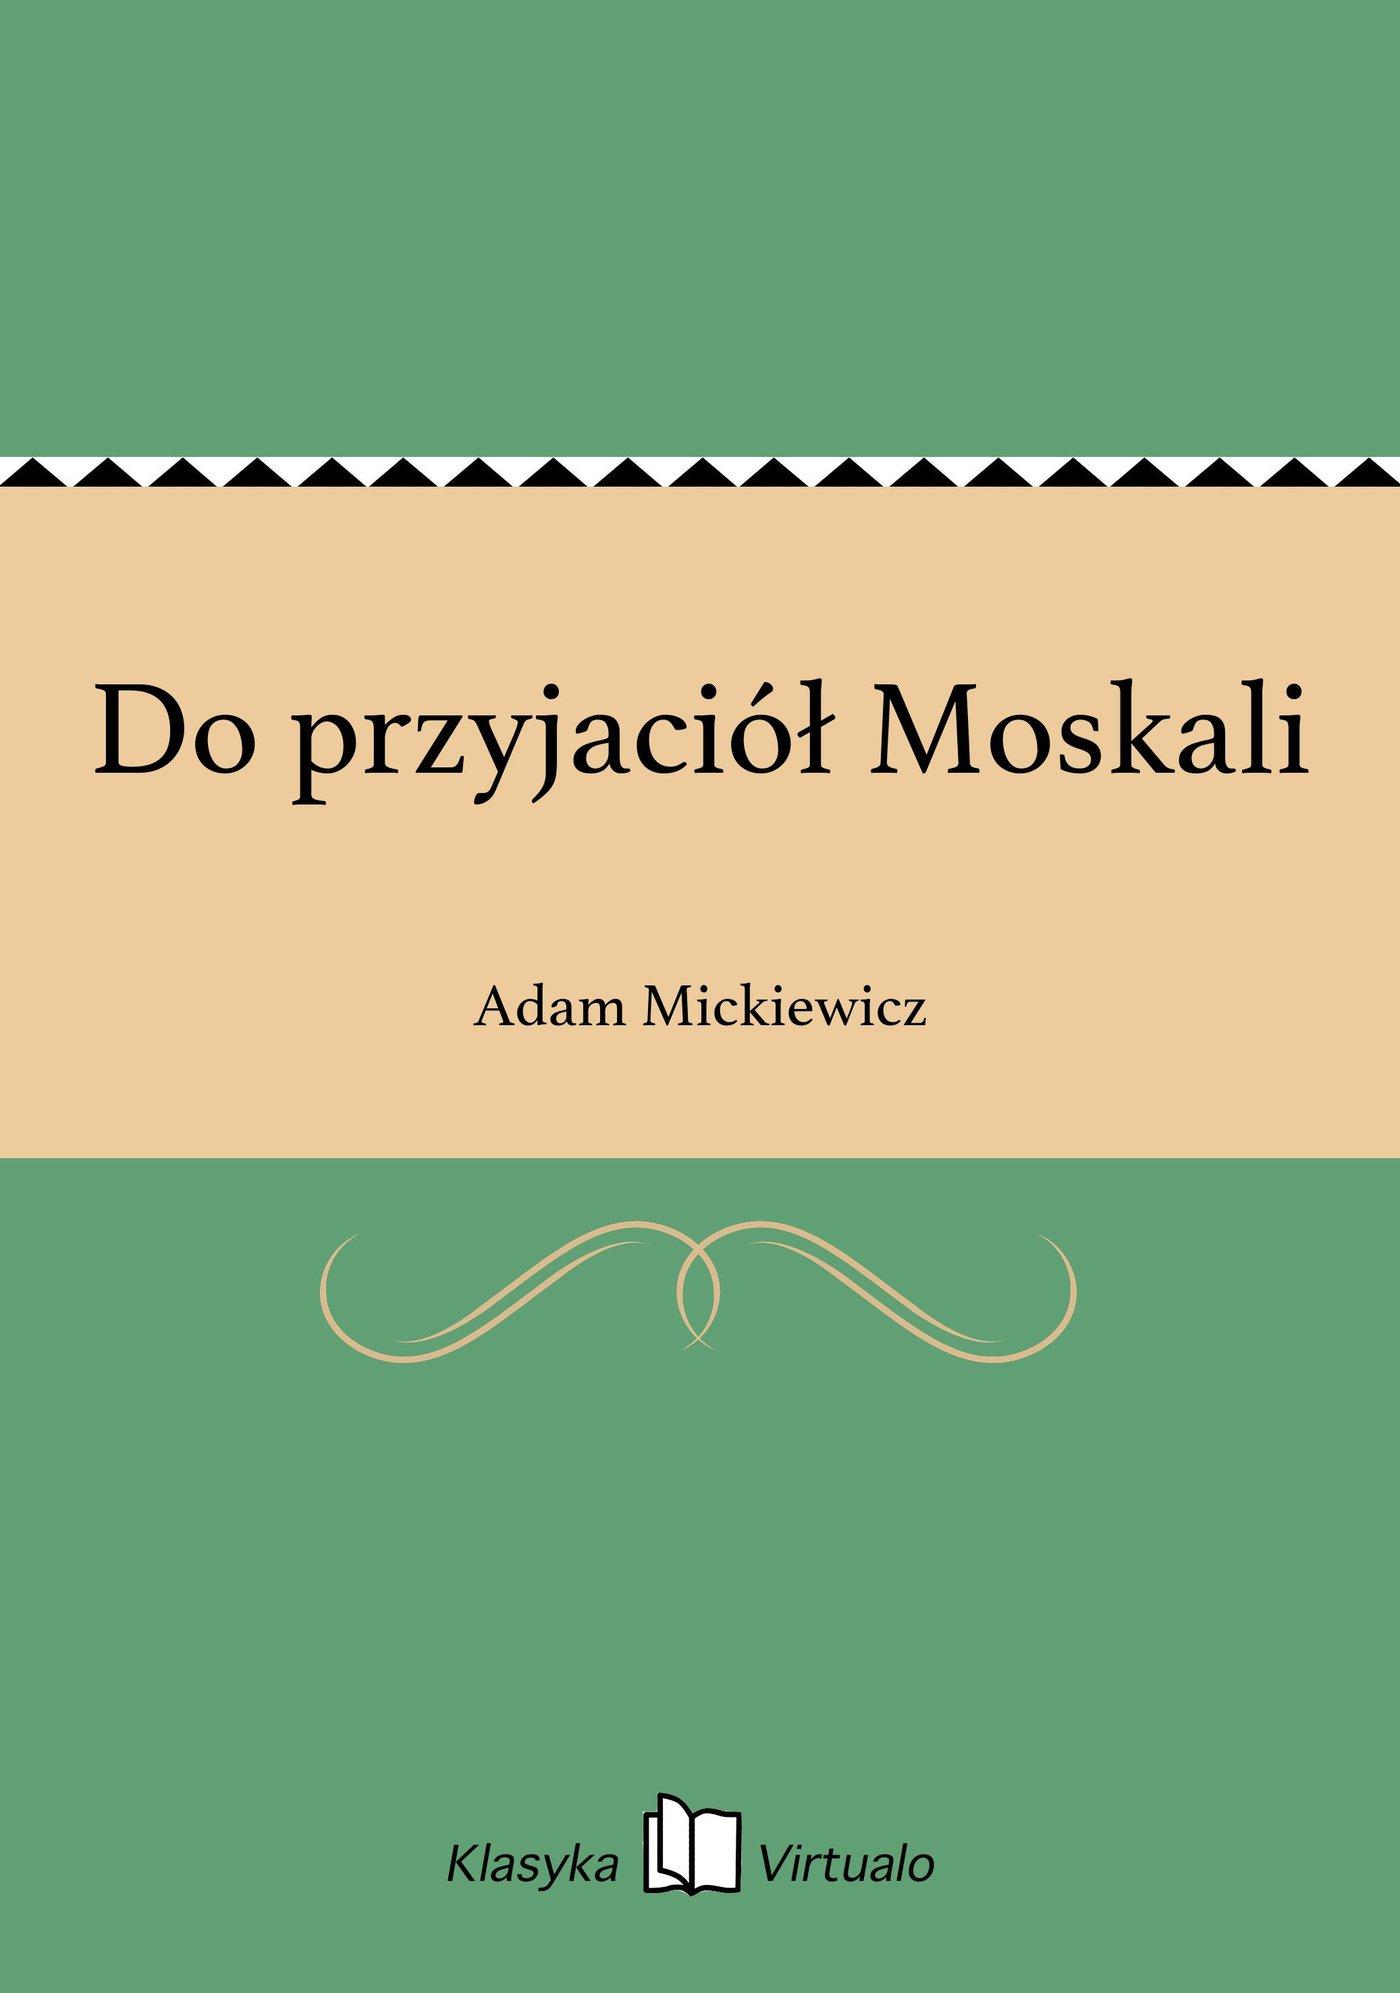 Do przyjaciół Moskali - Ebook (Książka EPUB) do pobrania w formacie EPUB